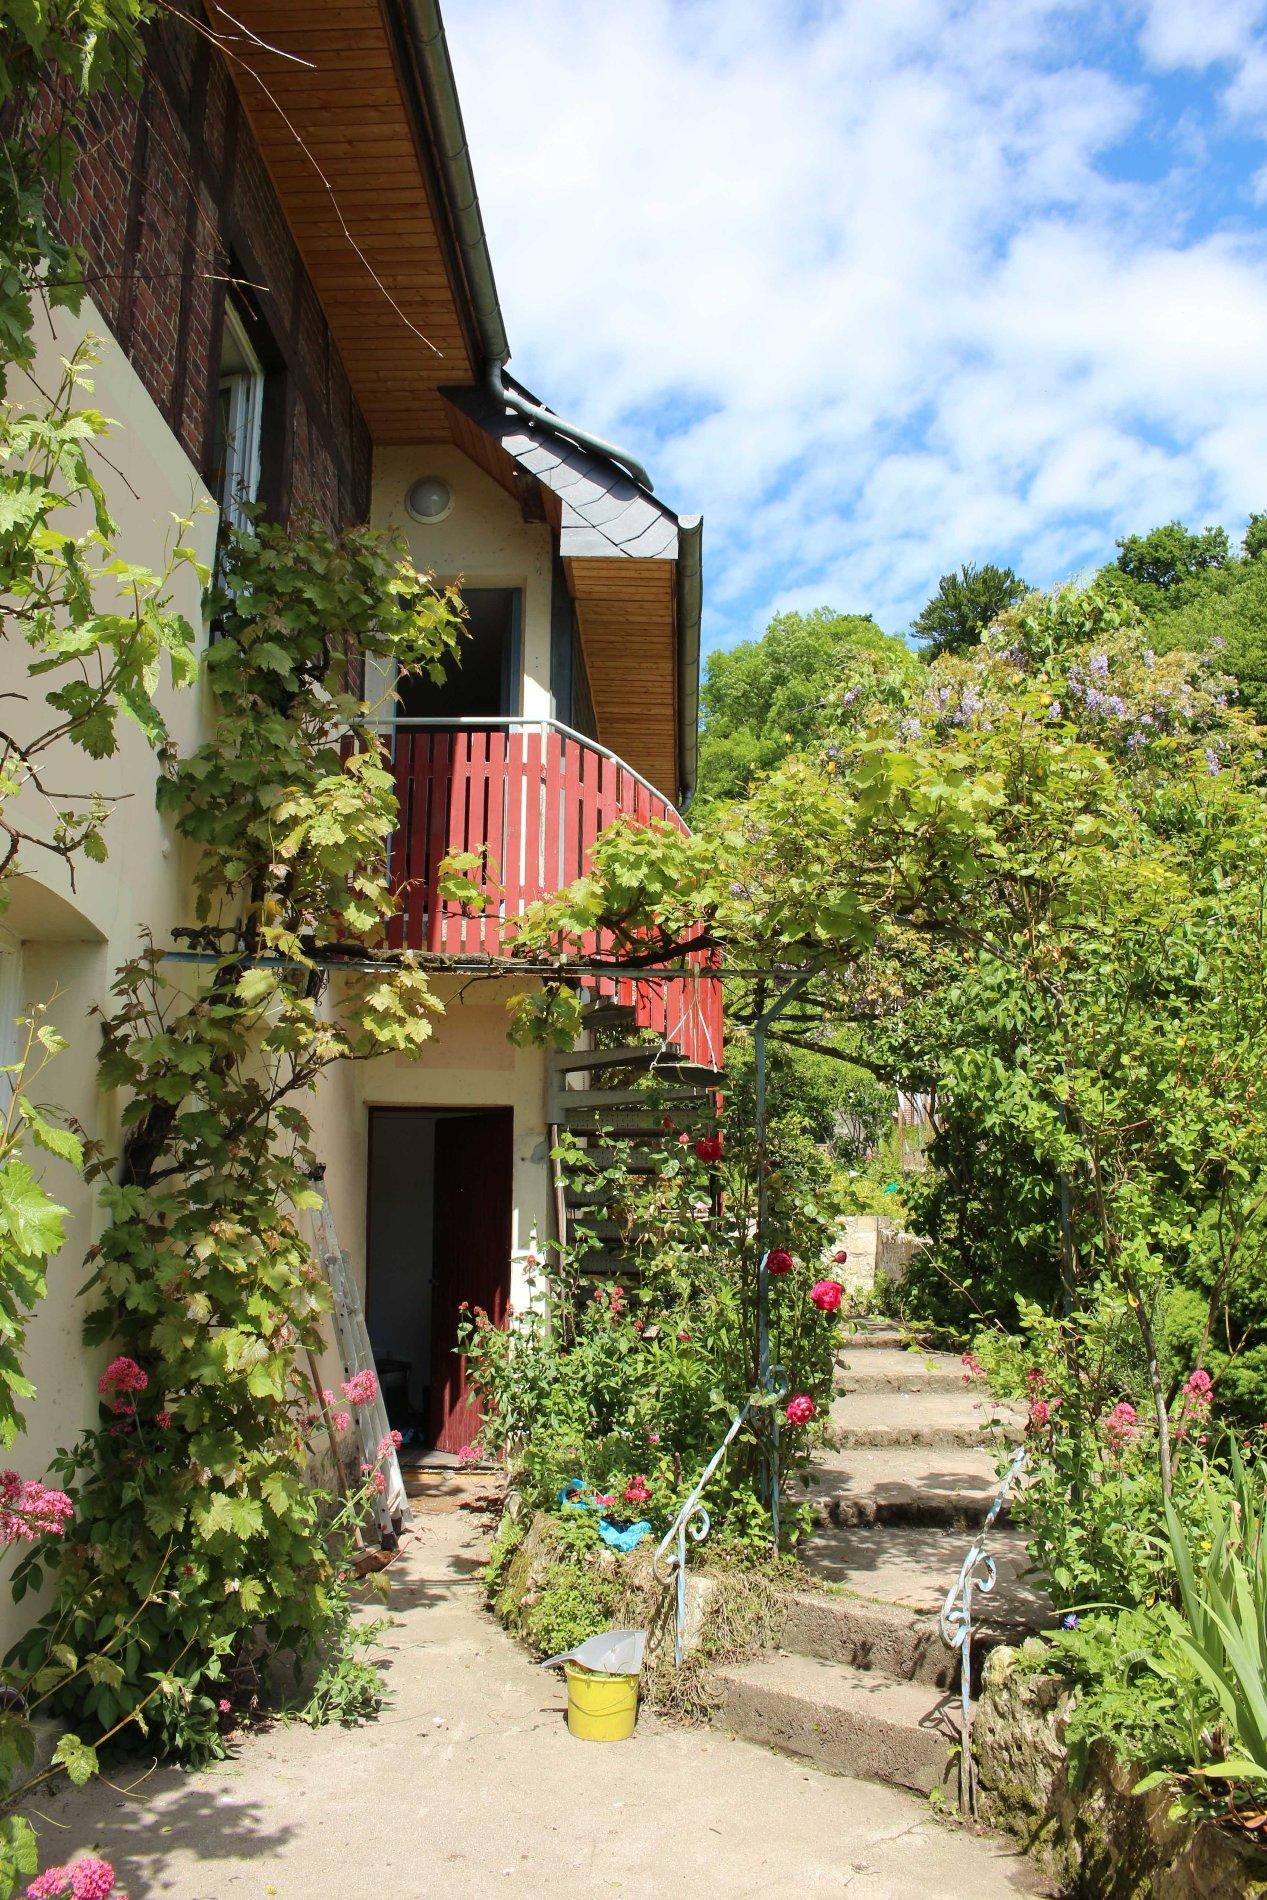 Acheter vente d 39 une maison de caract re pleine de charme for Acheter une maison par agence immobiliere